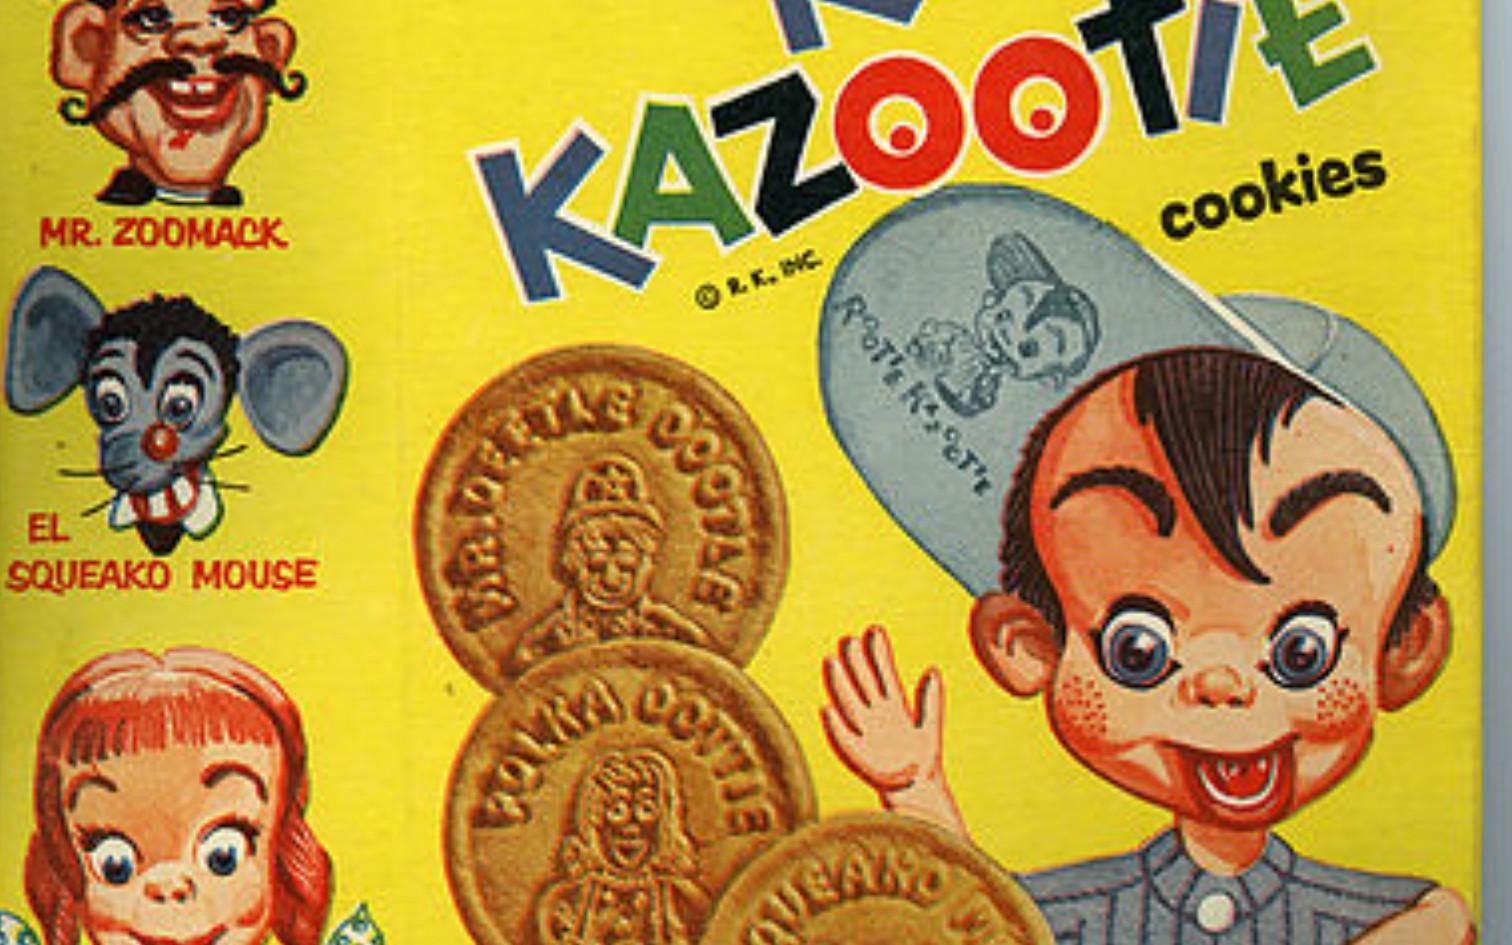 Rootie Kazootie Cookies